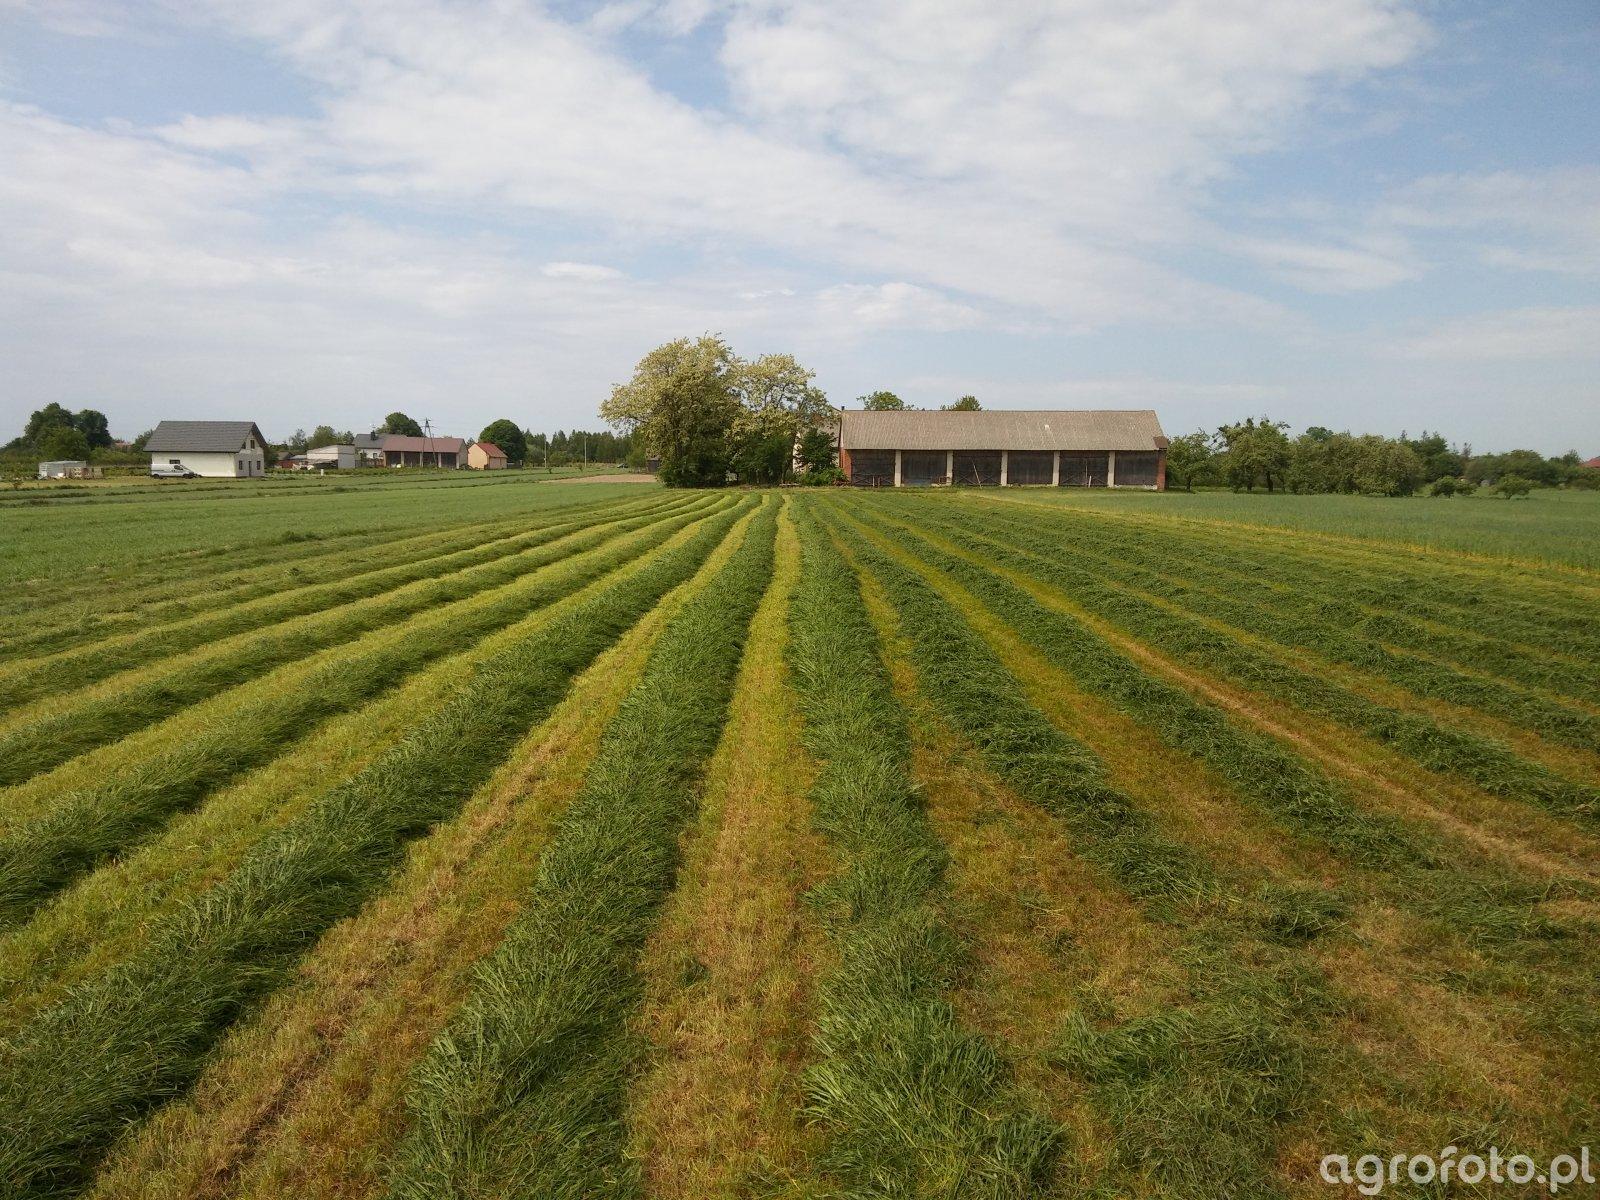 Pierwszy pokos trawy Barenbrug BG4 Milkway